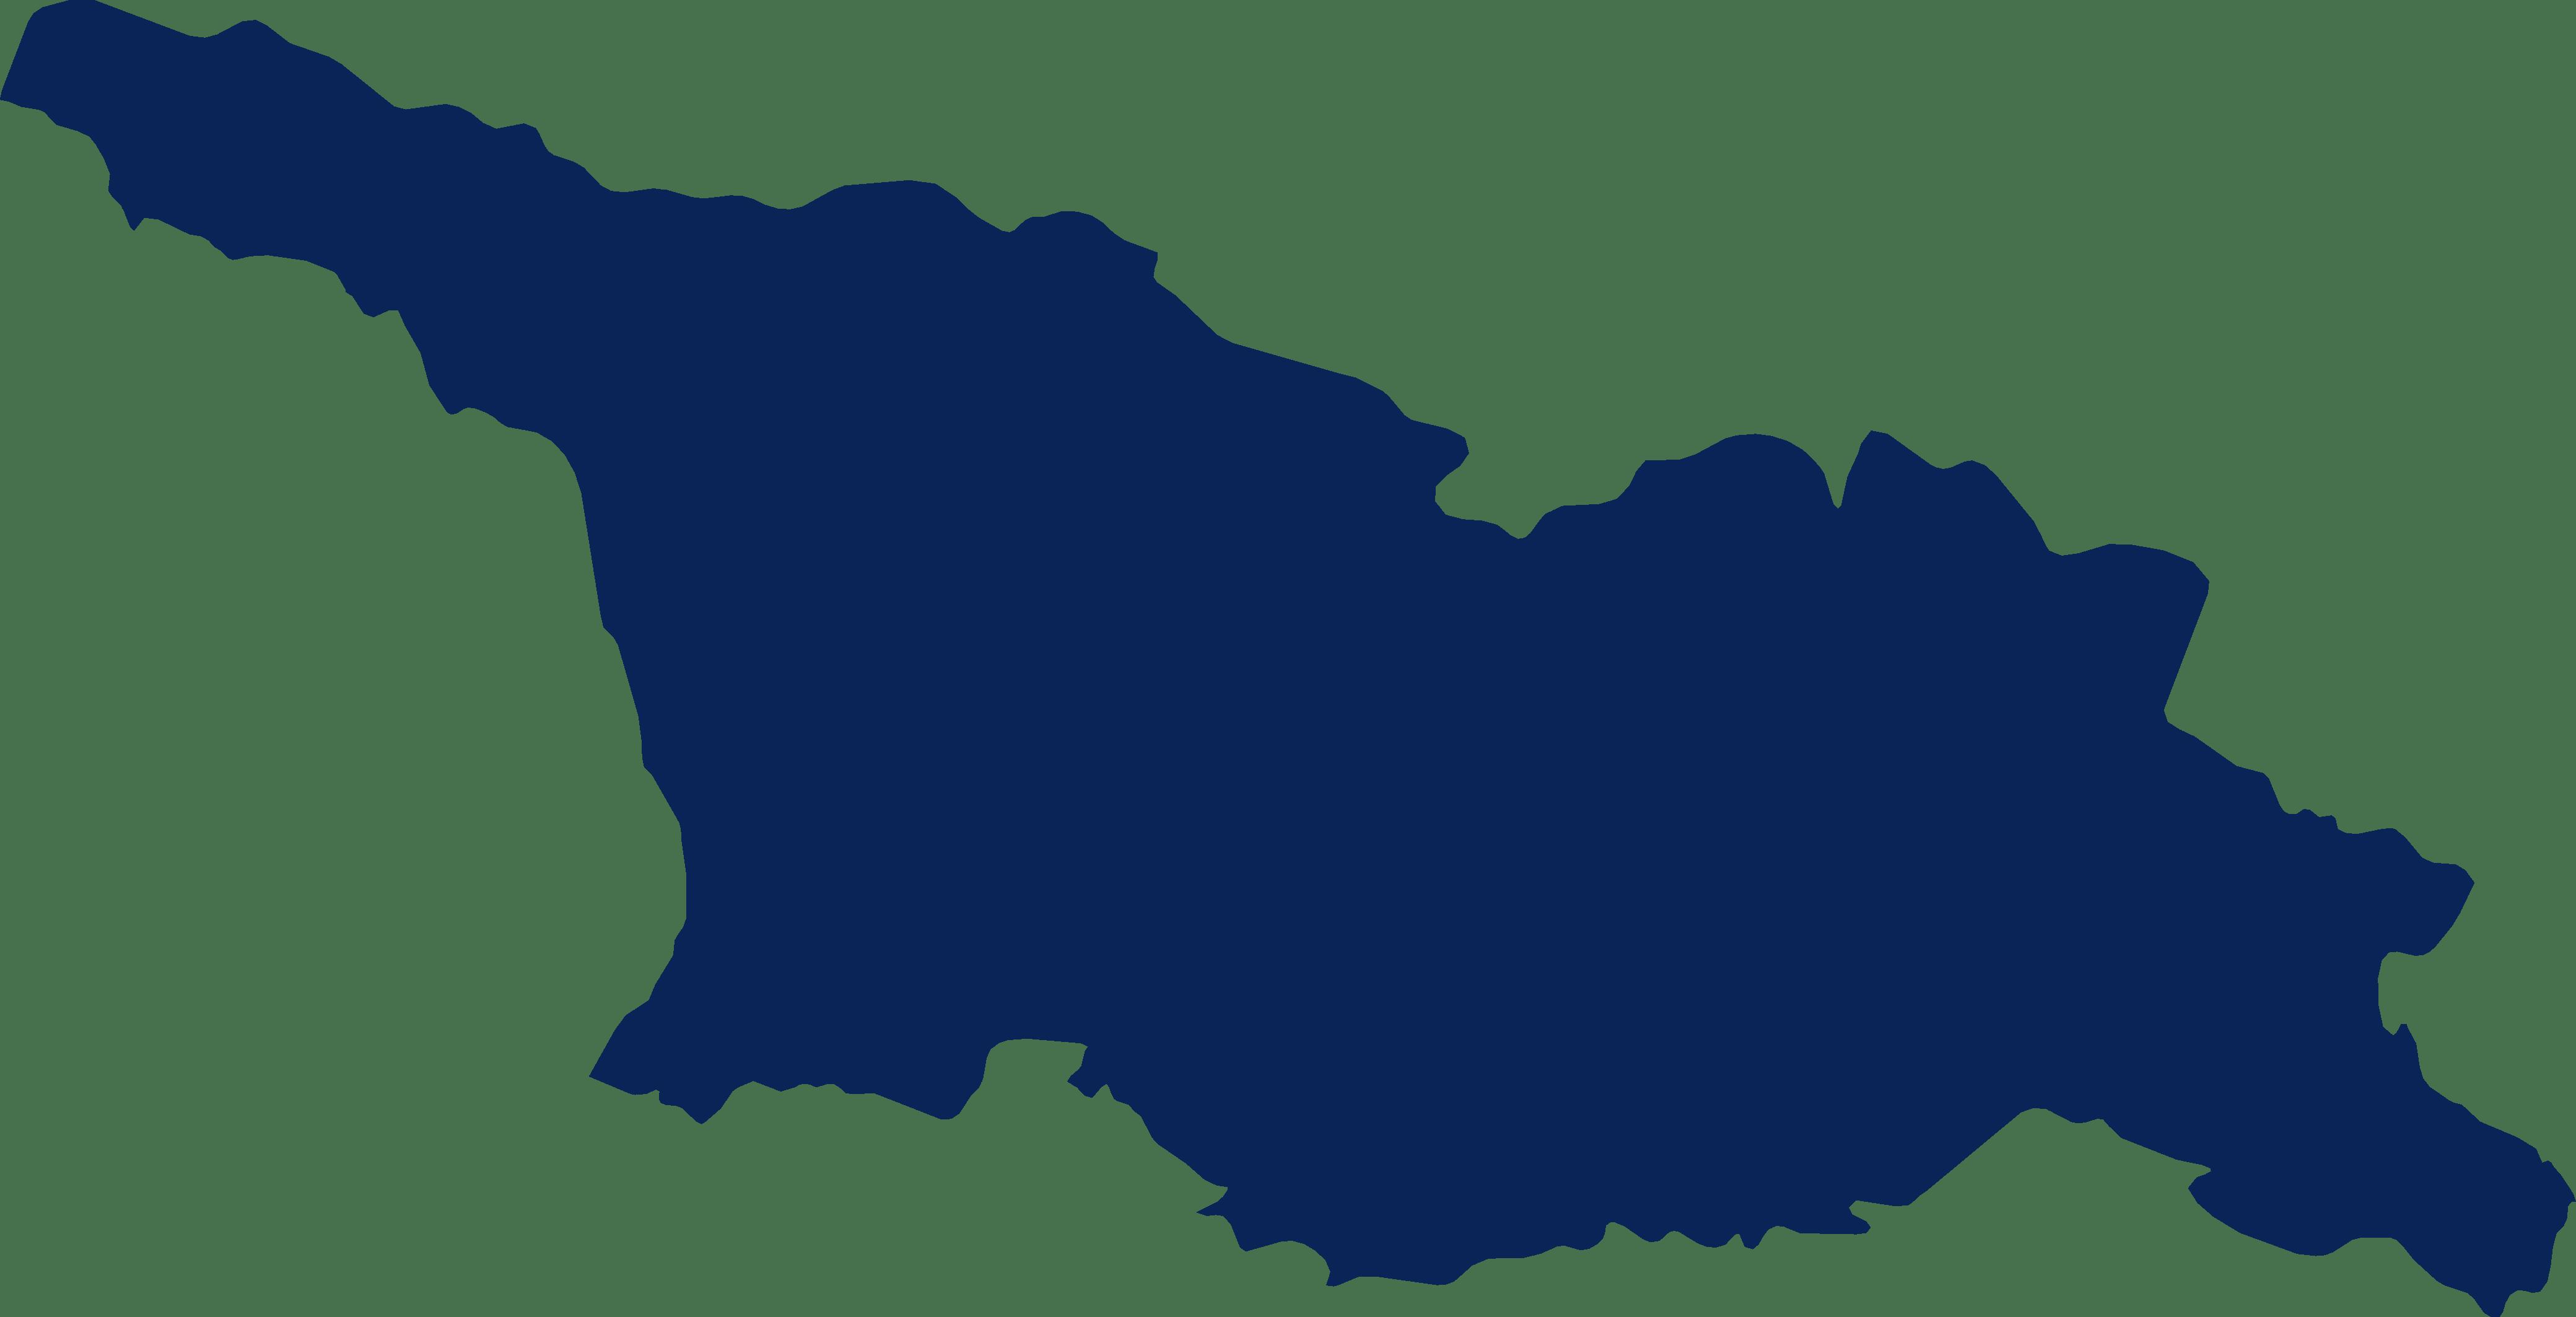 costituzione-società-llc-georgia-cognitor